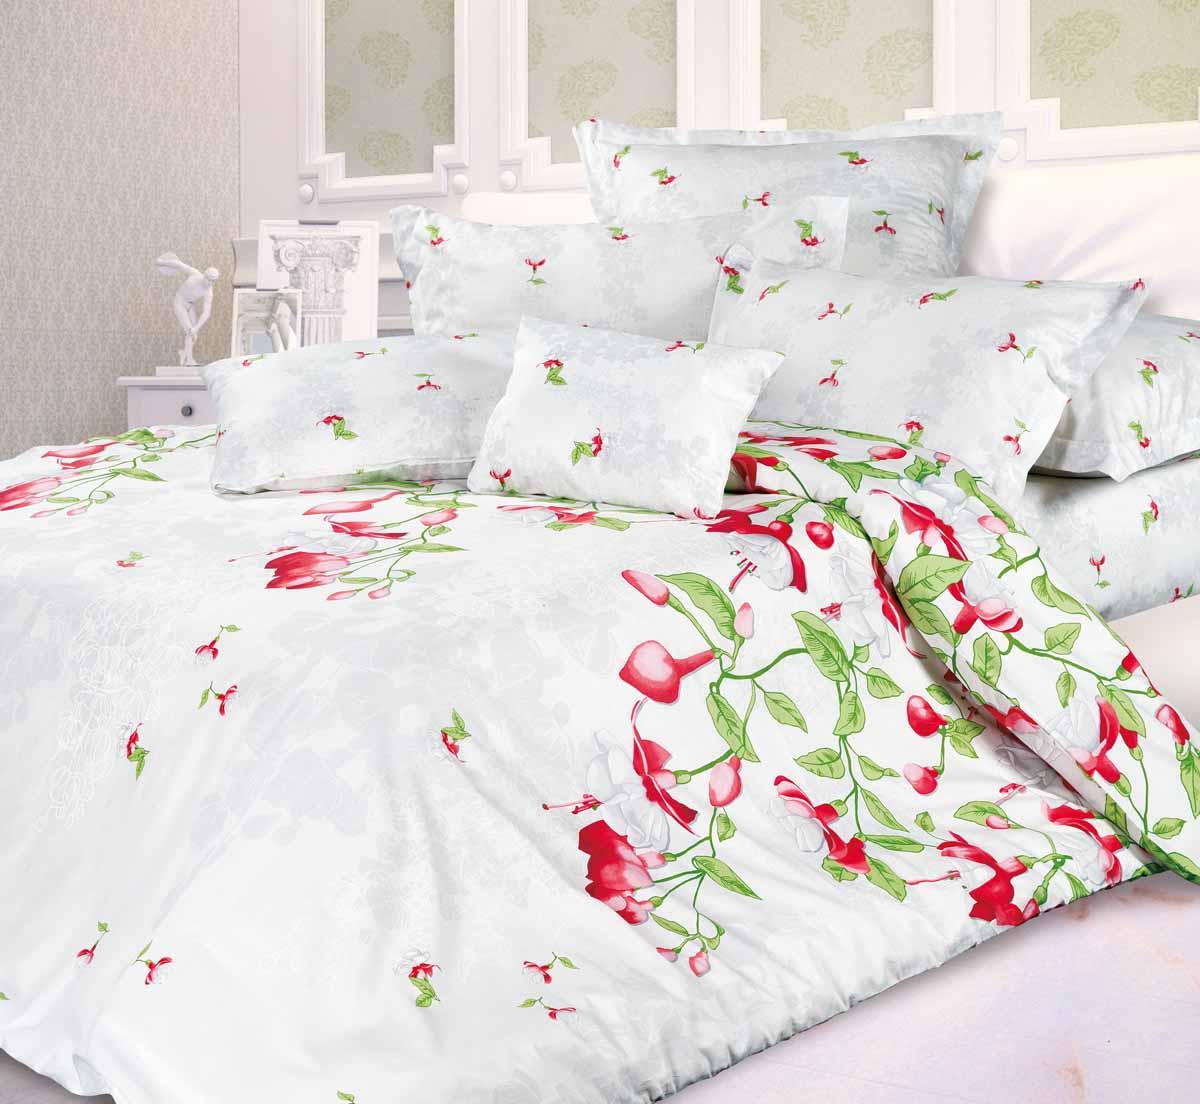 Комплект белья Унисон Фуксия, 2-спальный, наволочки 70x70, цвет: белый339573